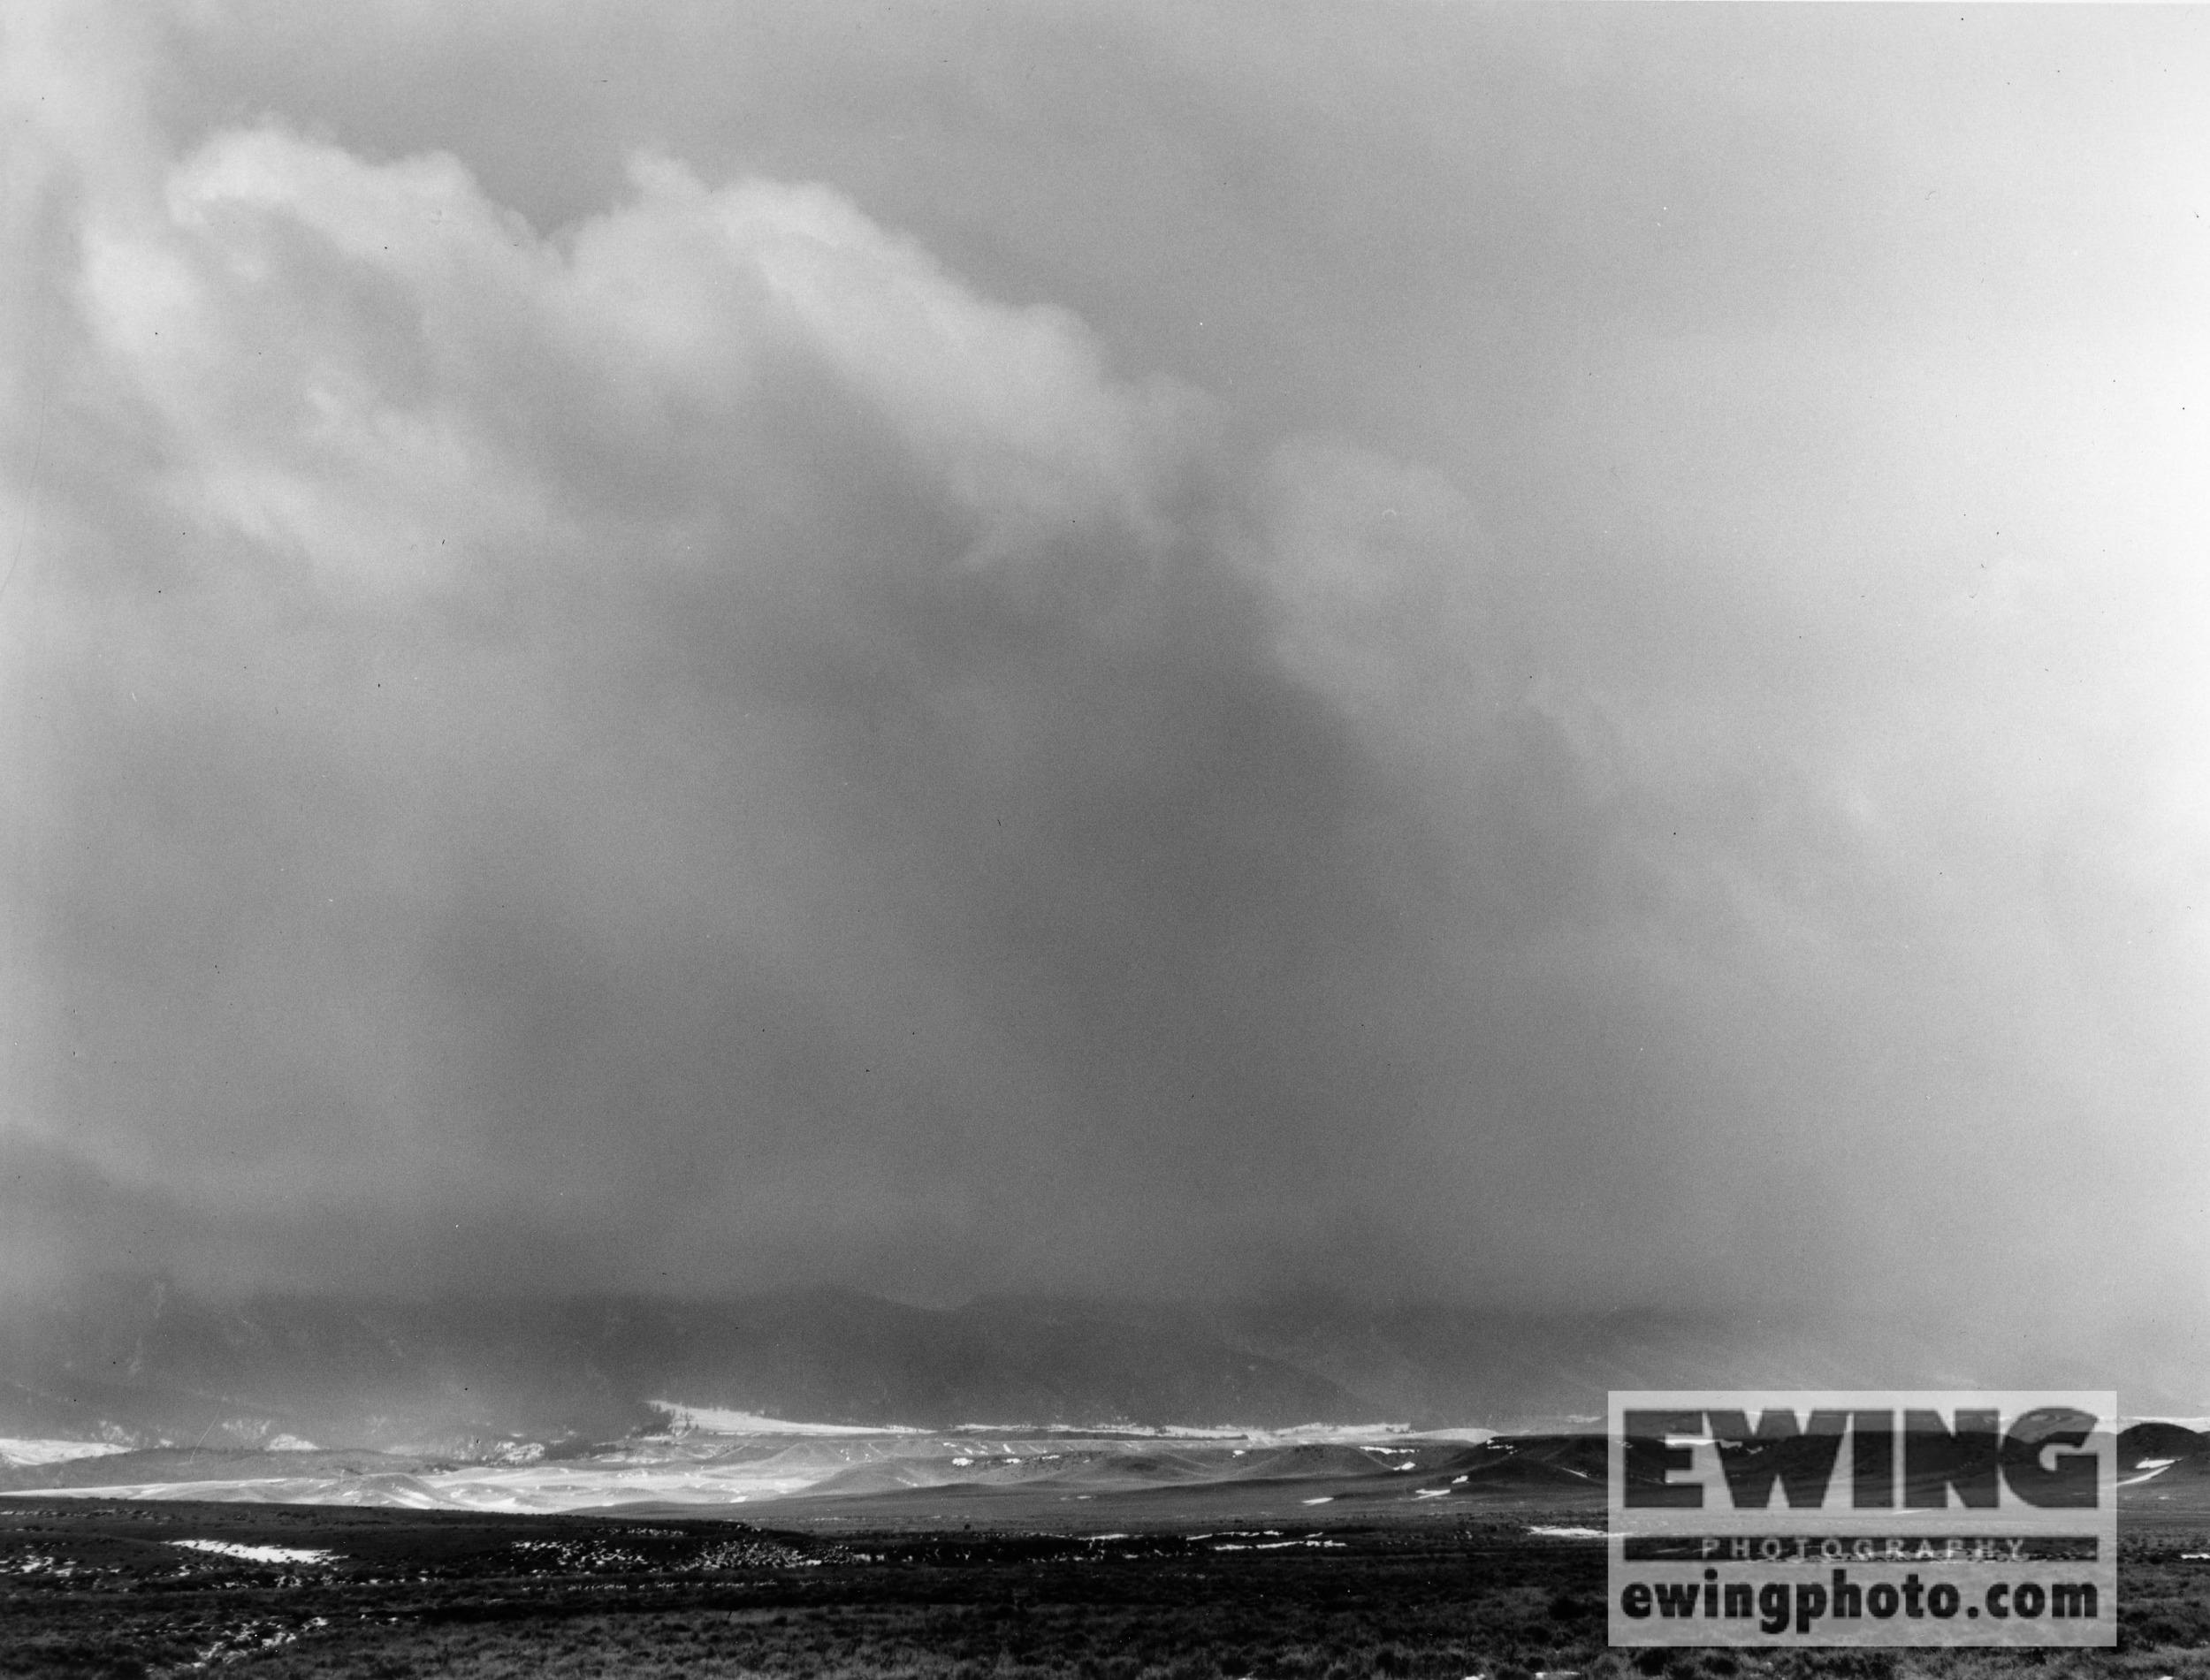 Rt 196, Bighorn Mountains, Wyoming